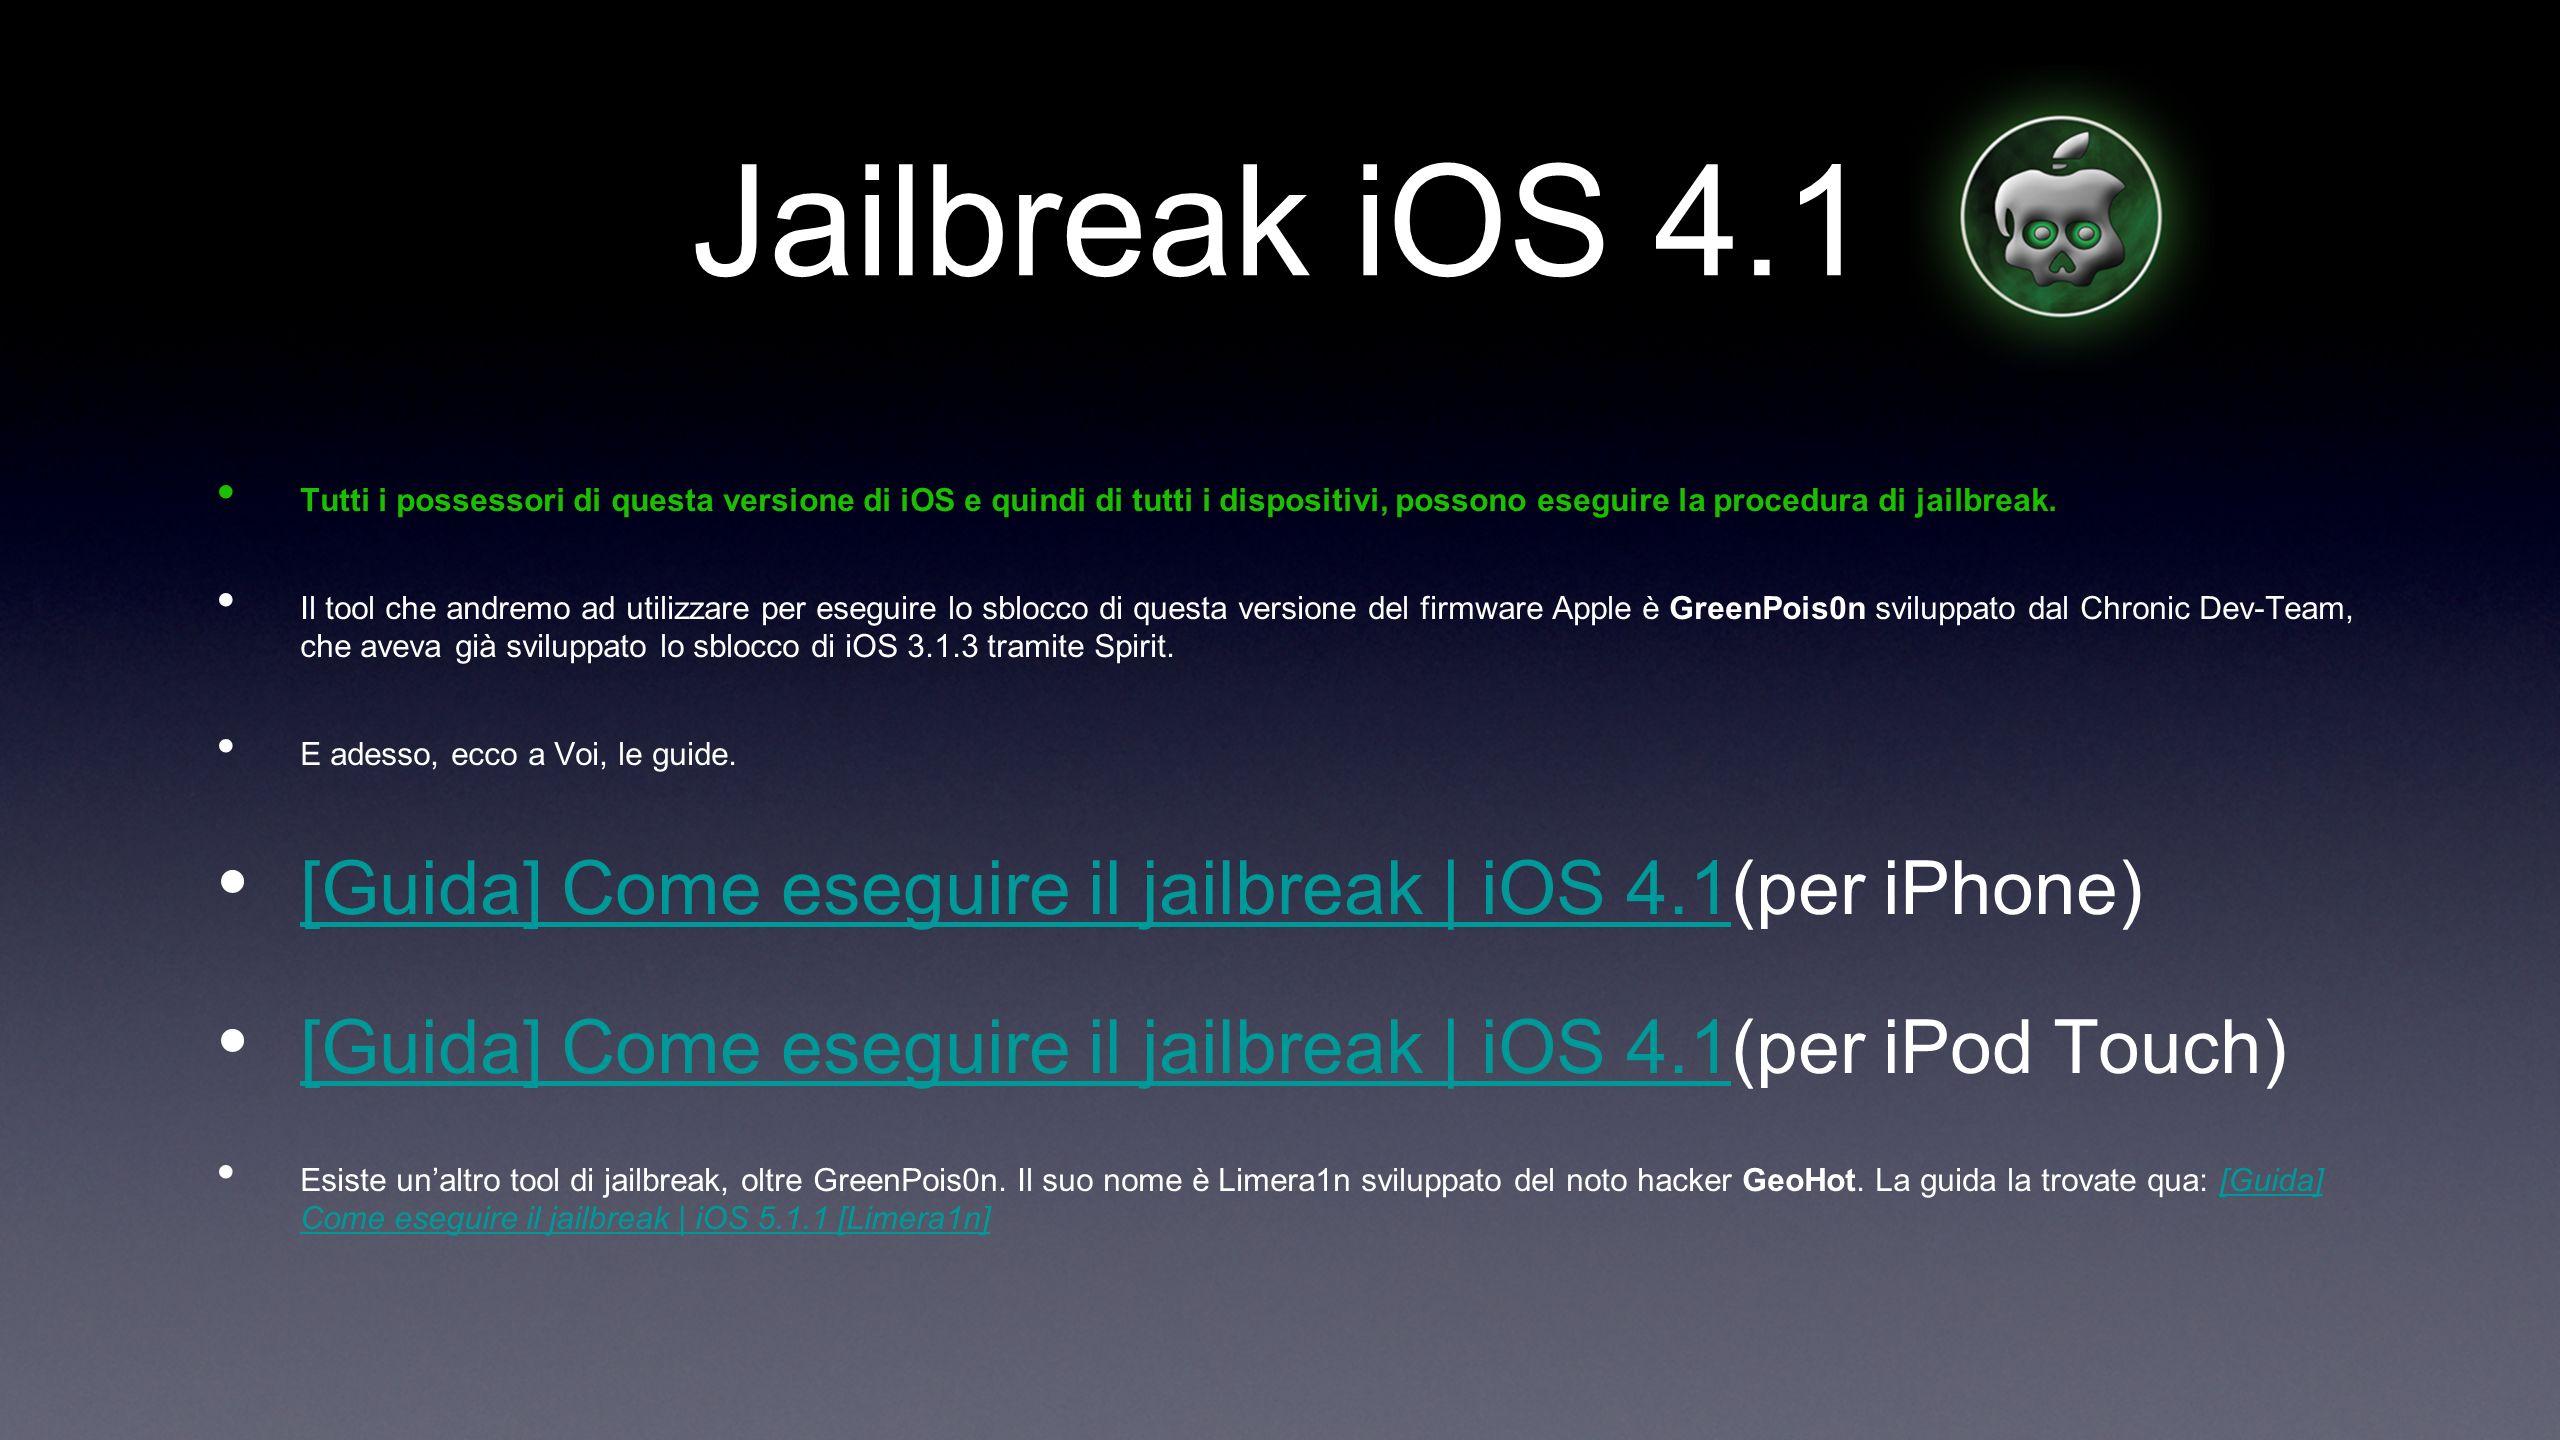 Jailbreak iOS 4.1 Tutti i possessori di questa versione di iOS e quindi di tutti i dispositivi, possono eseguire la procedura di jailbreak.